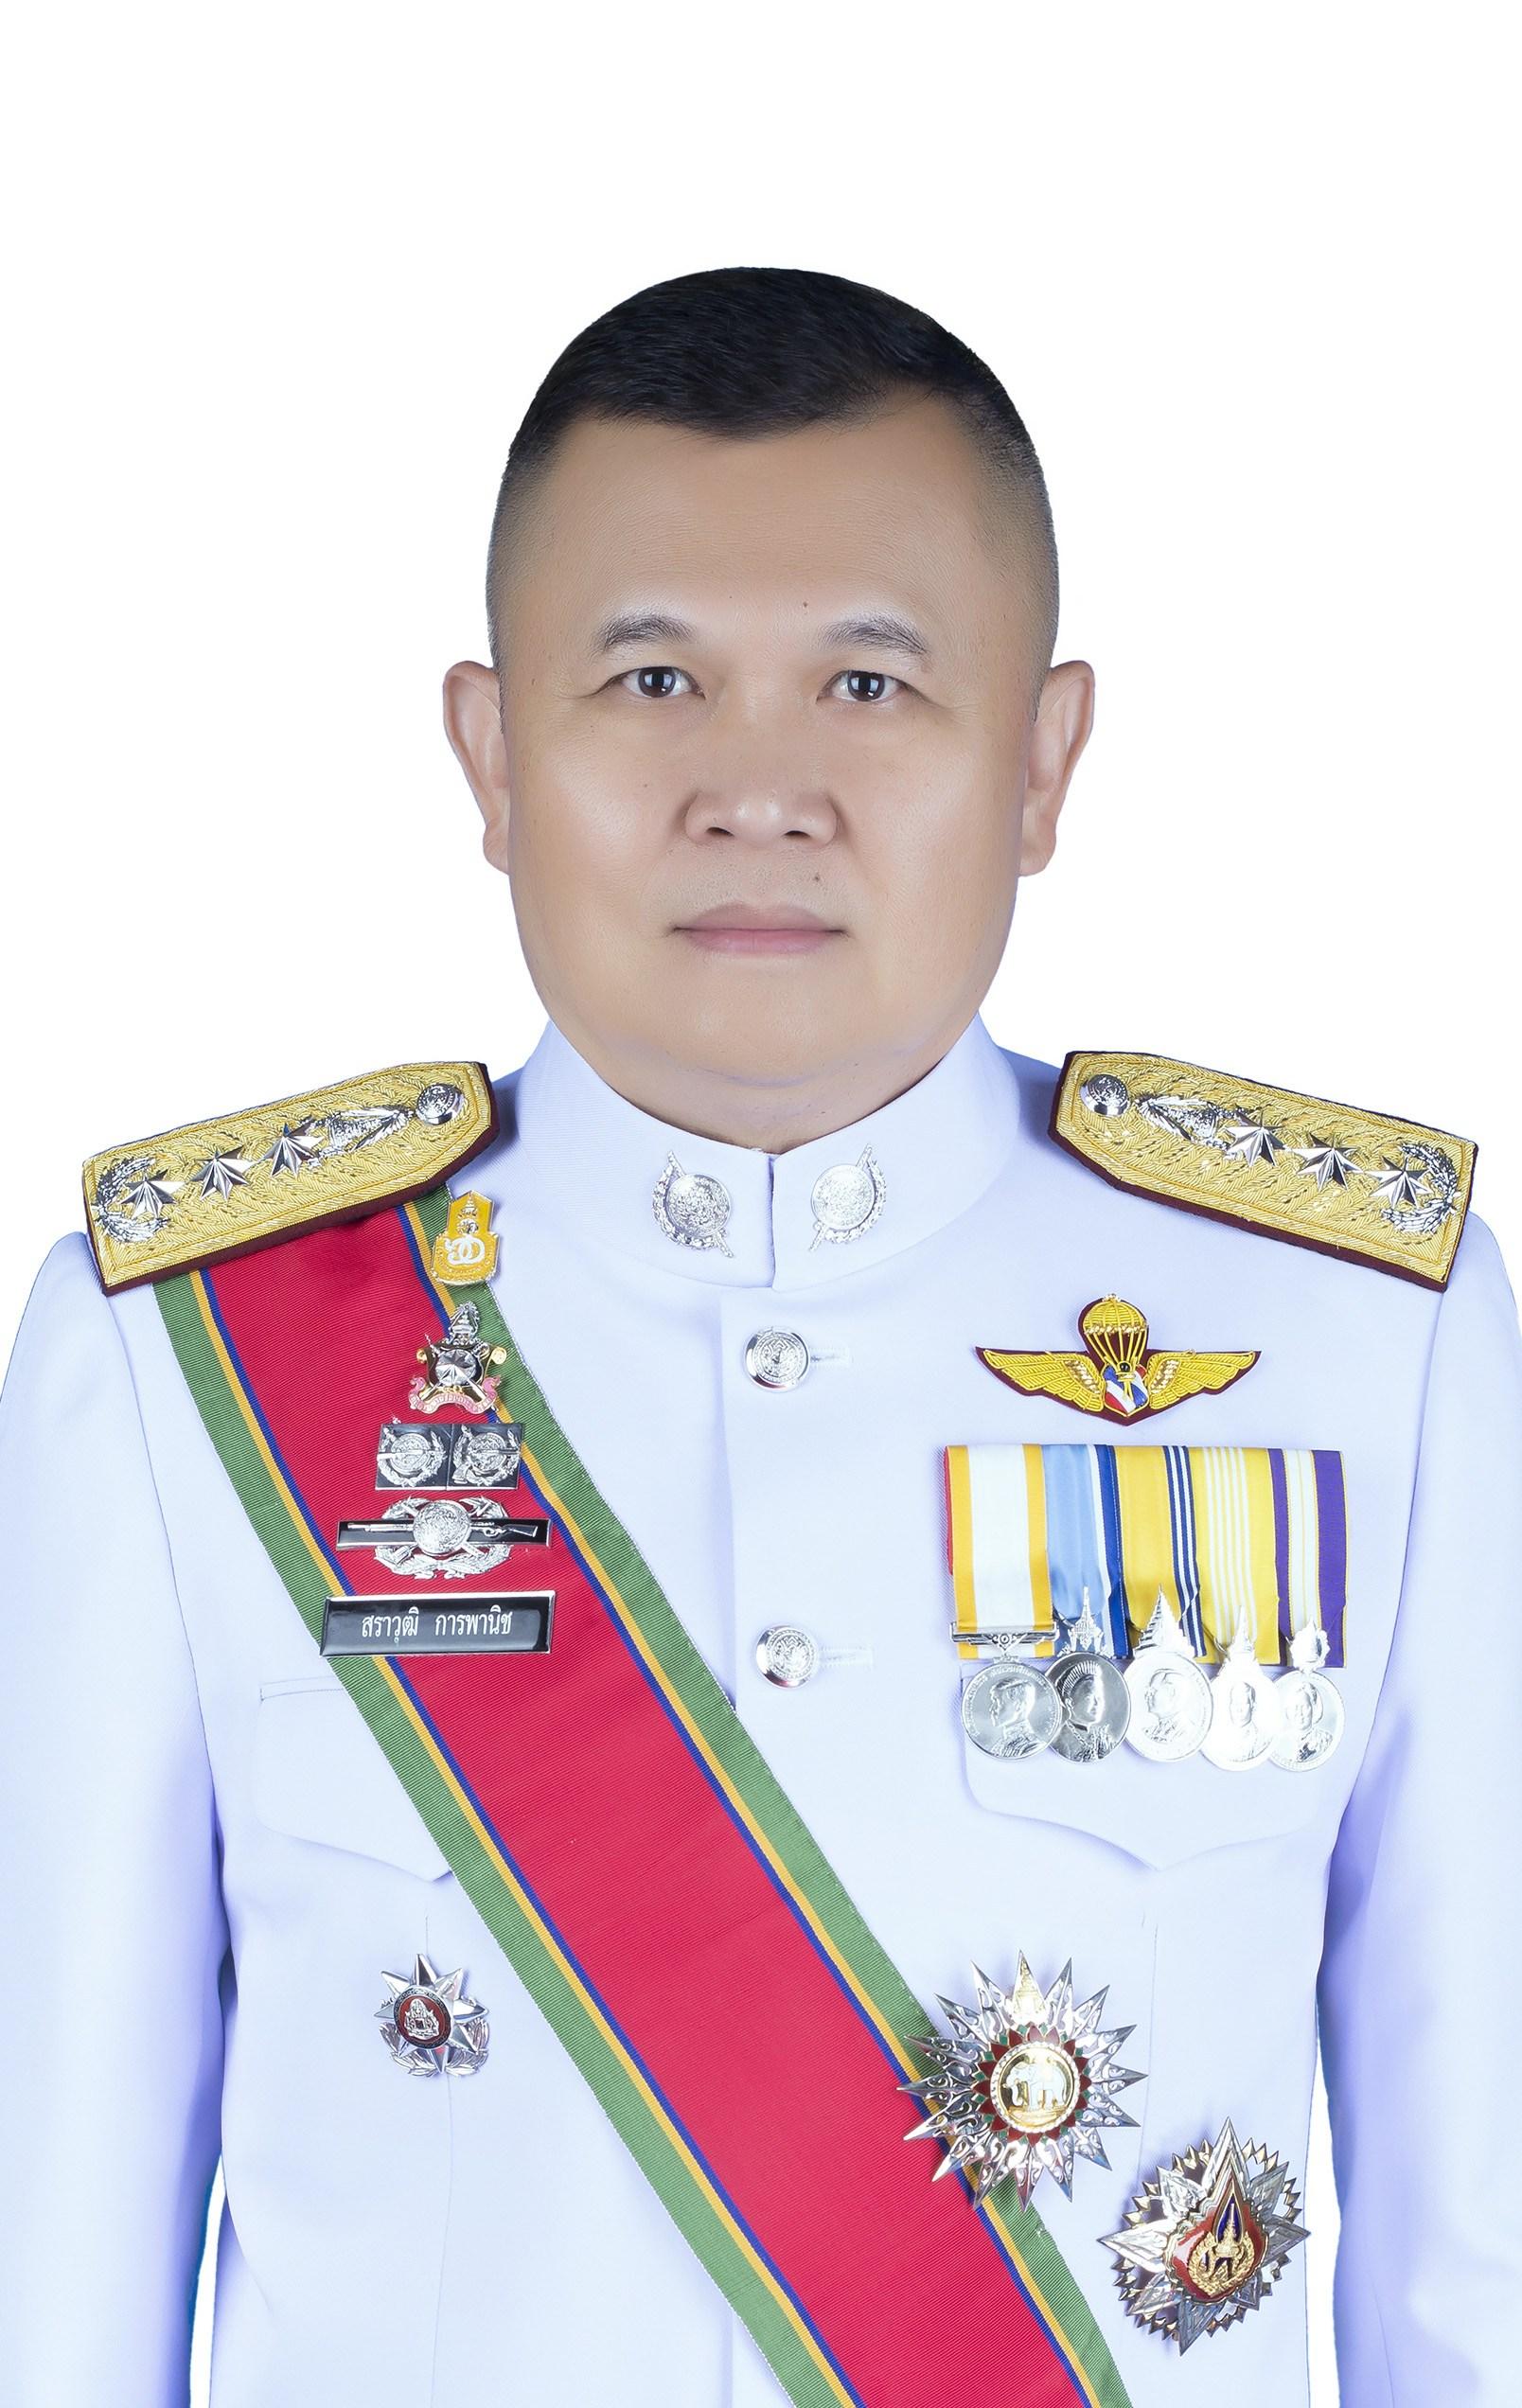 พล.ต.ท.สราวุฒิ การพานิช ผู้บัญชาการตำรวจสันติบาล